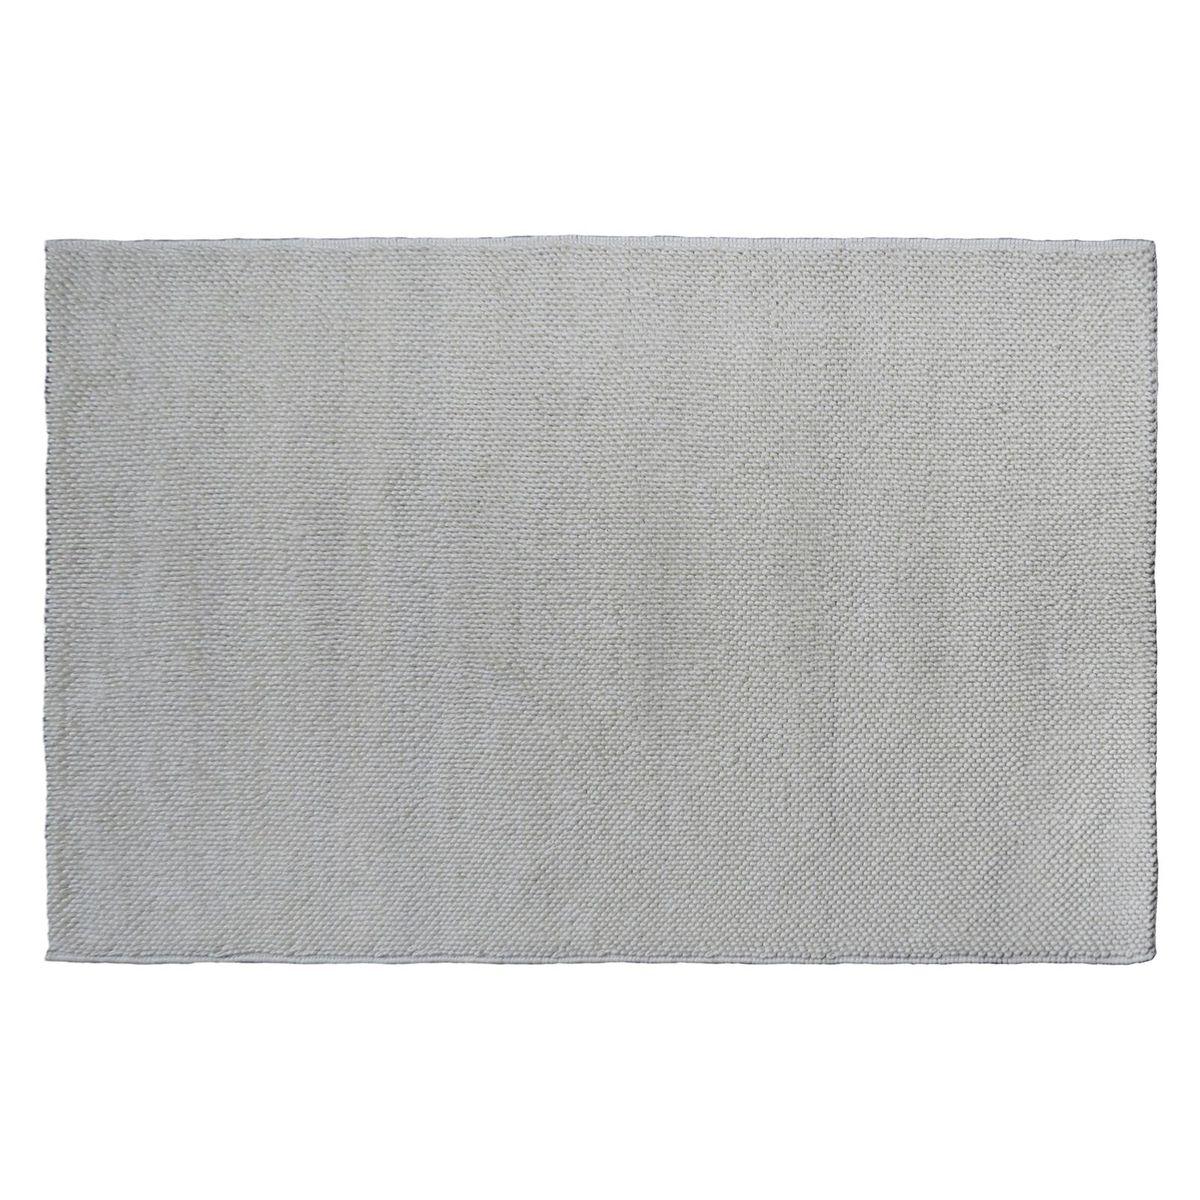 Tapis en laine bouclée tissé main beige -   160 x 230